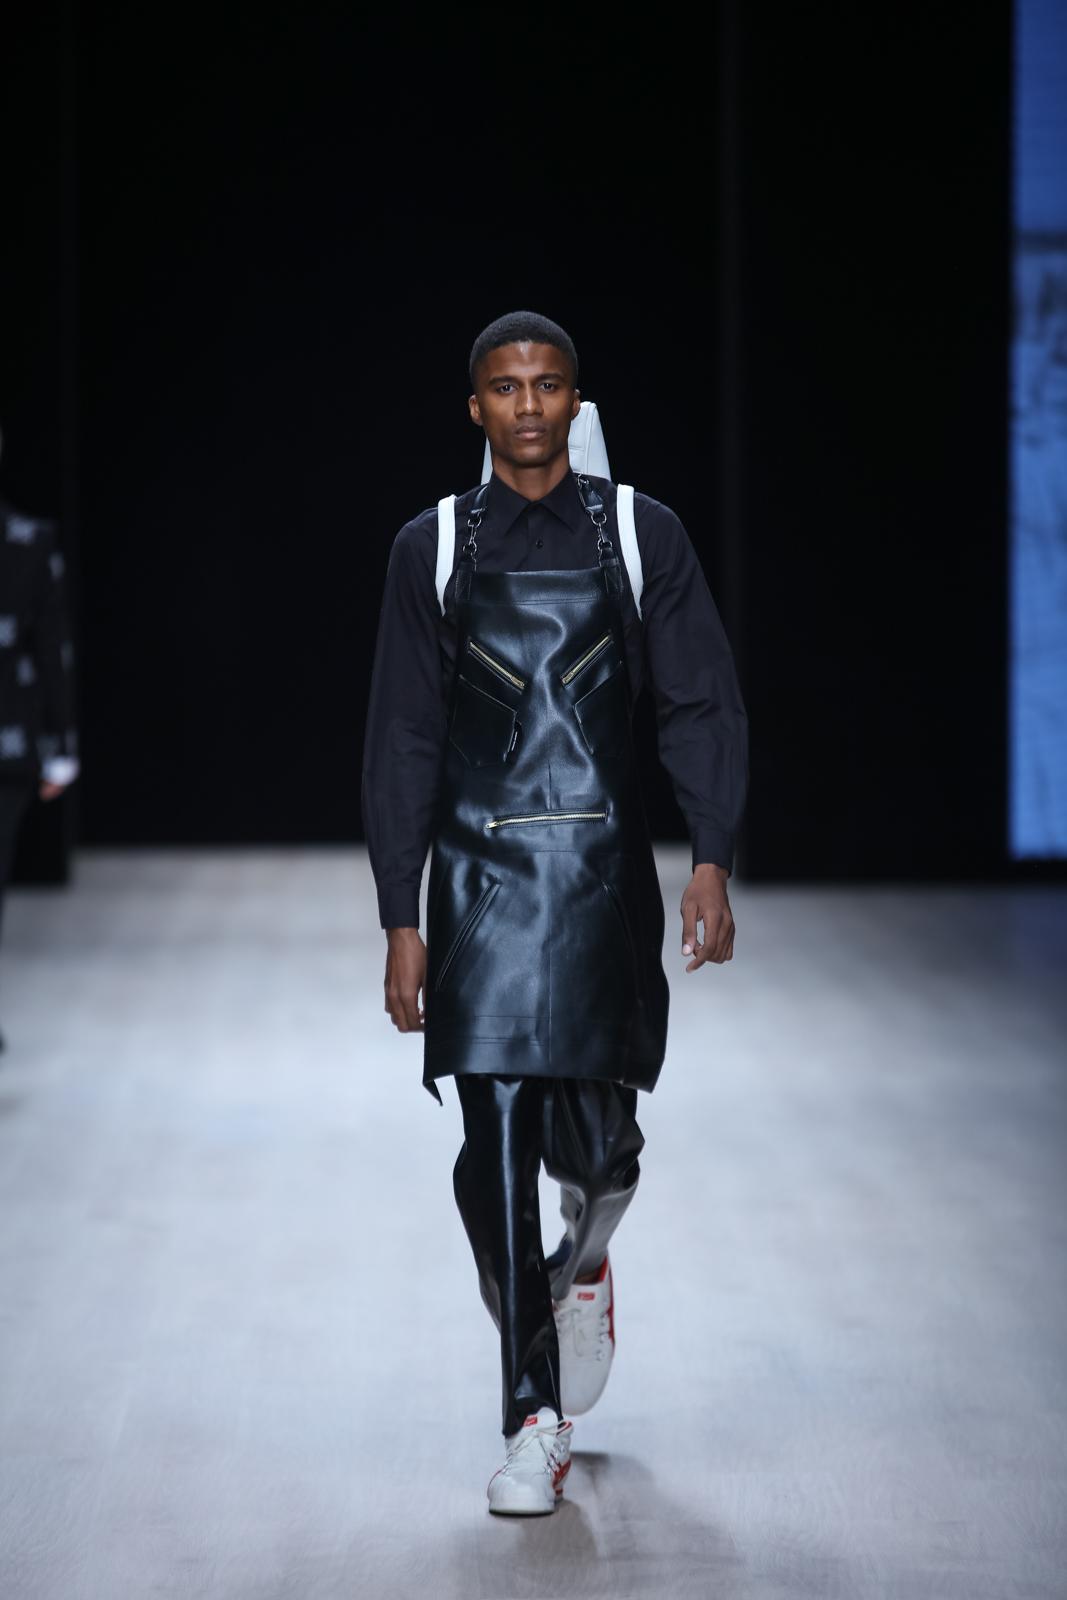 Arise Fashion Week Lagos 2019: Tokyo James